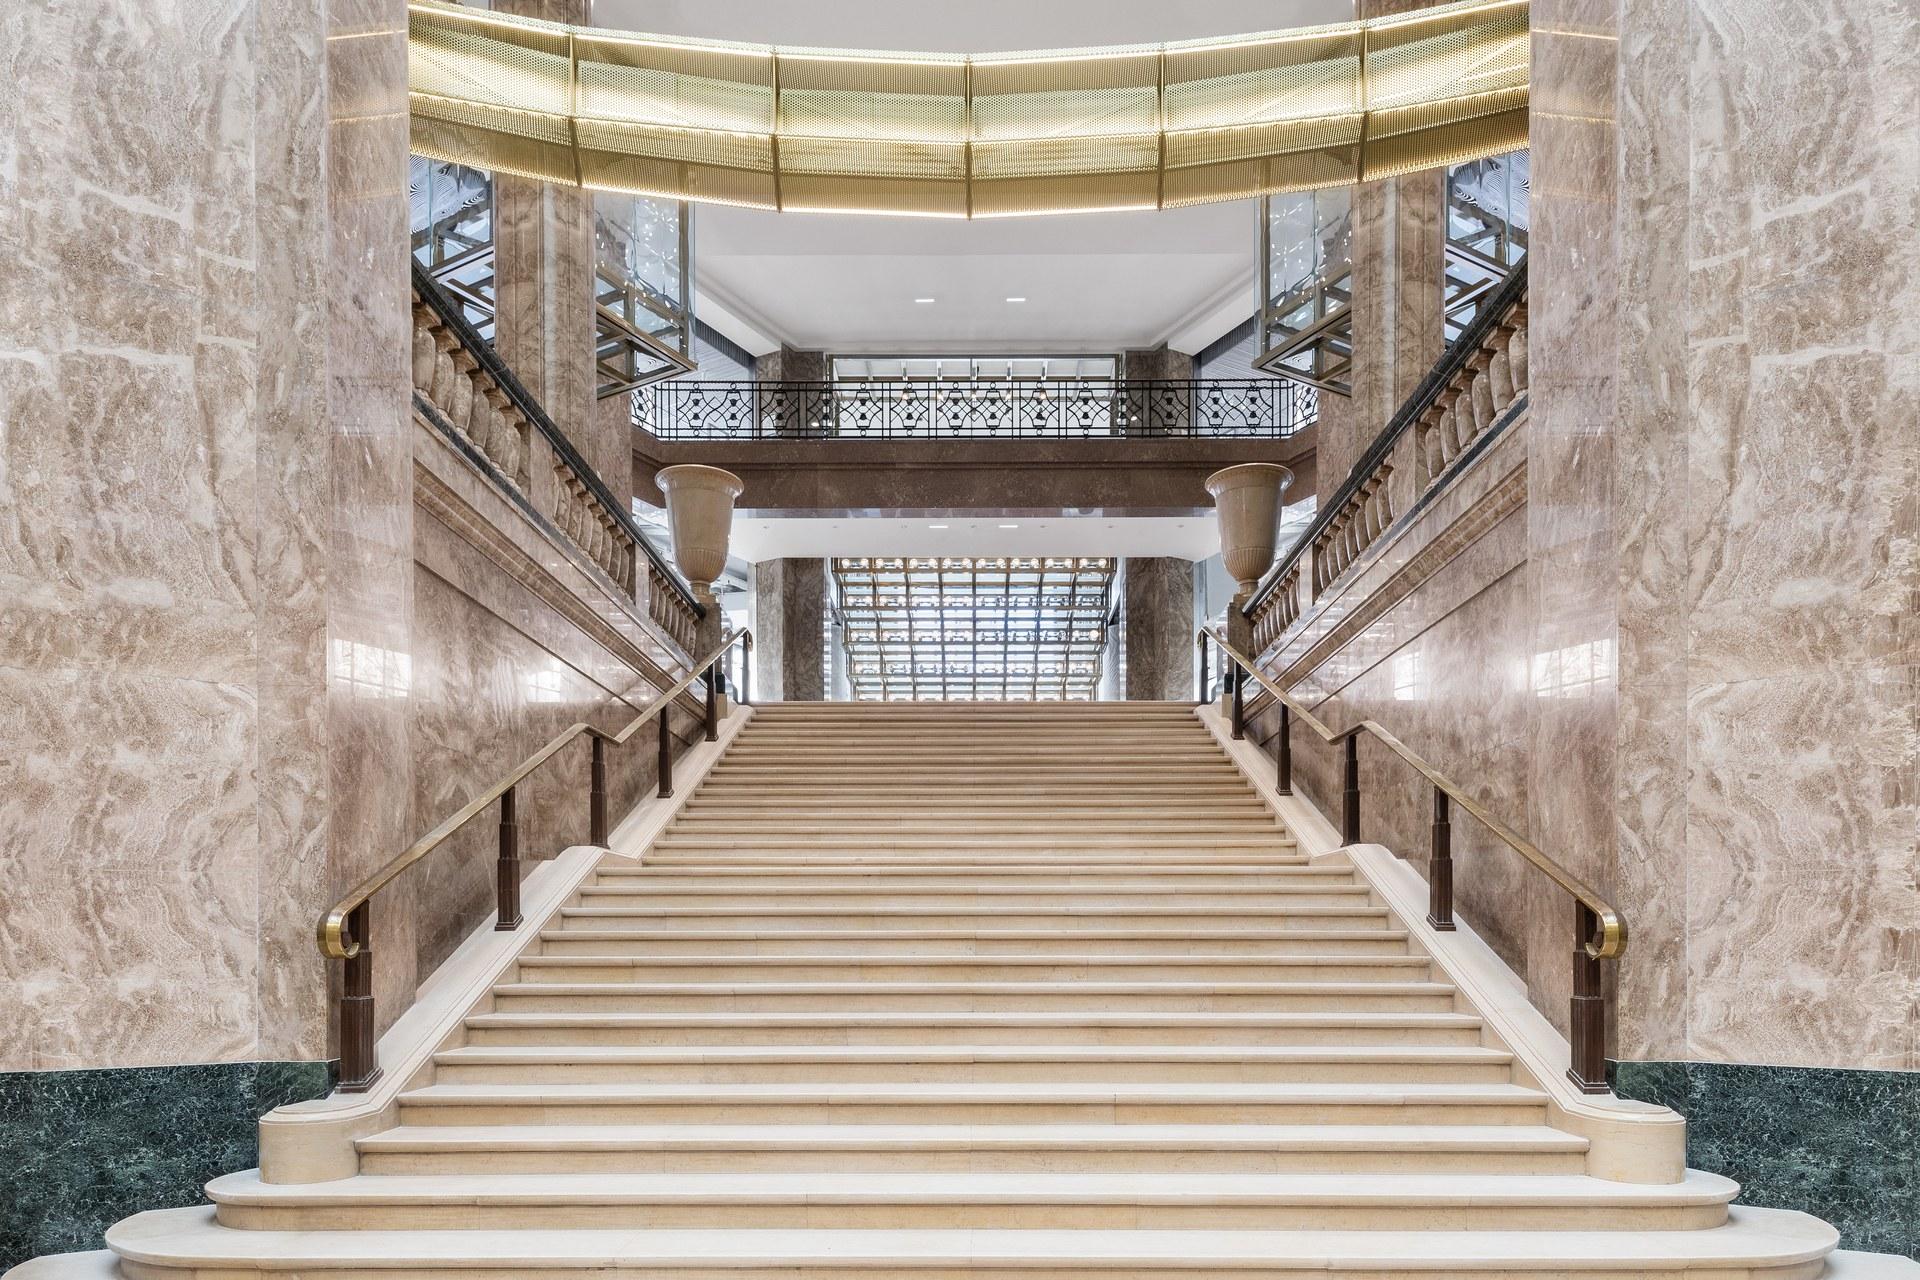 Galeries_Lafayette_Champs-Elysées_-_Esca